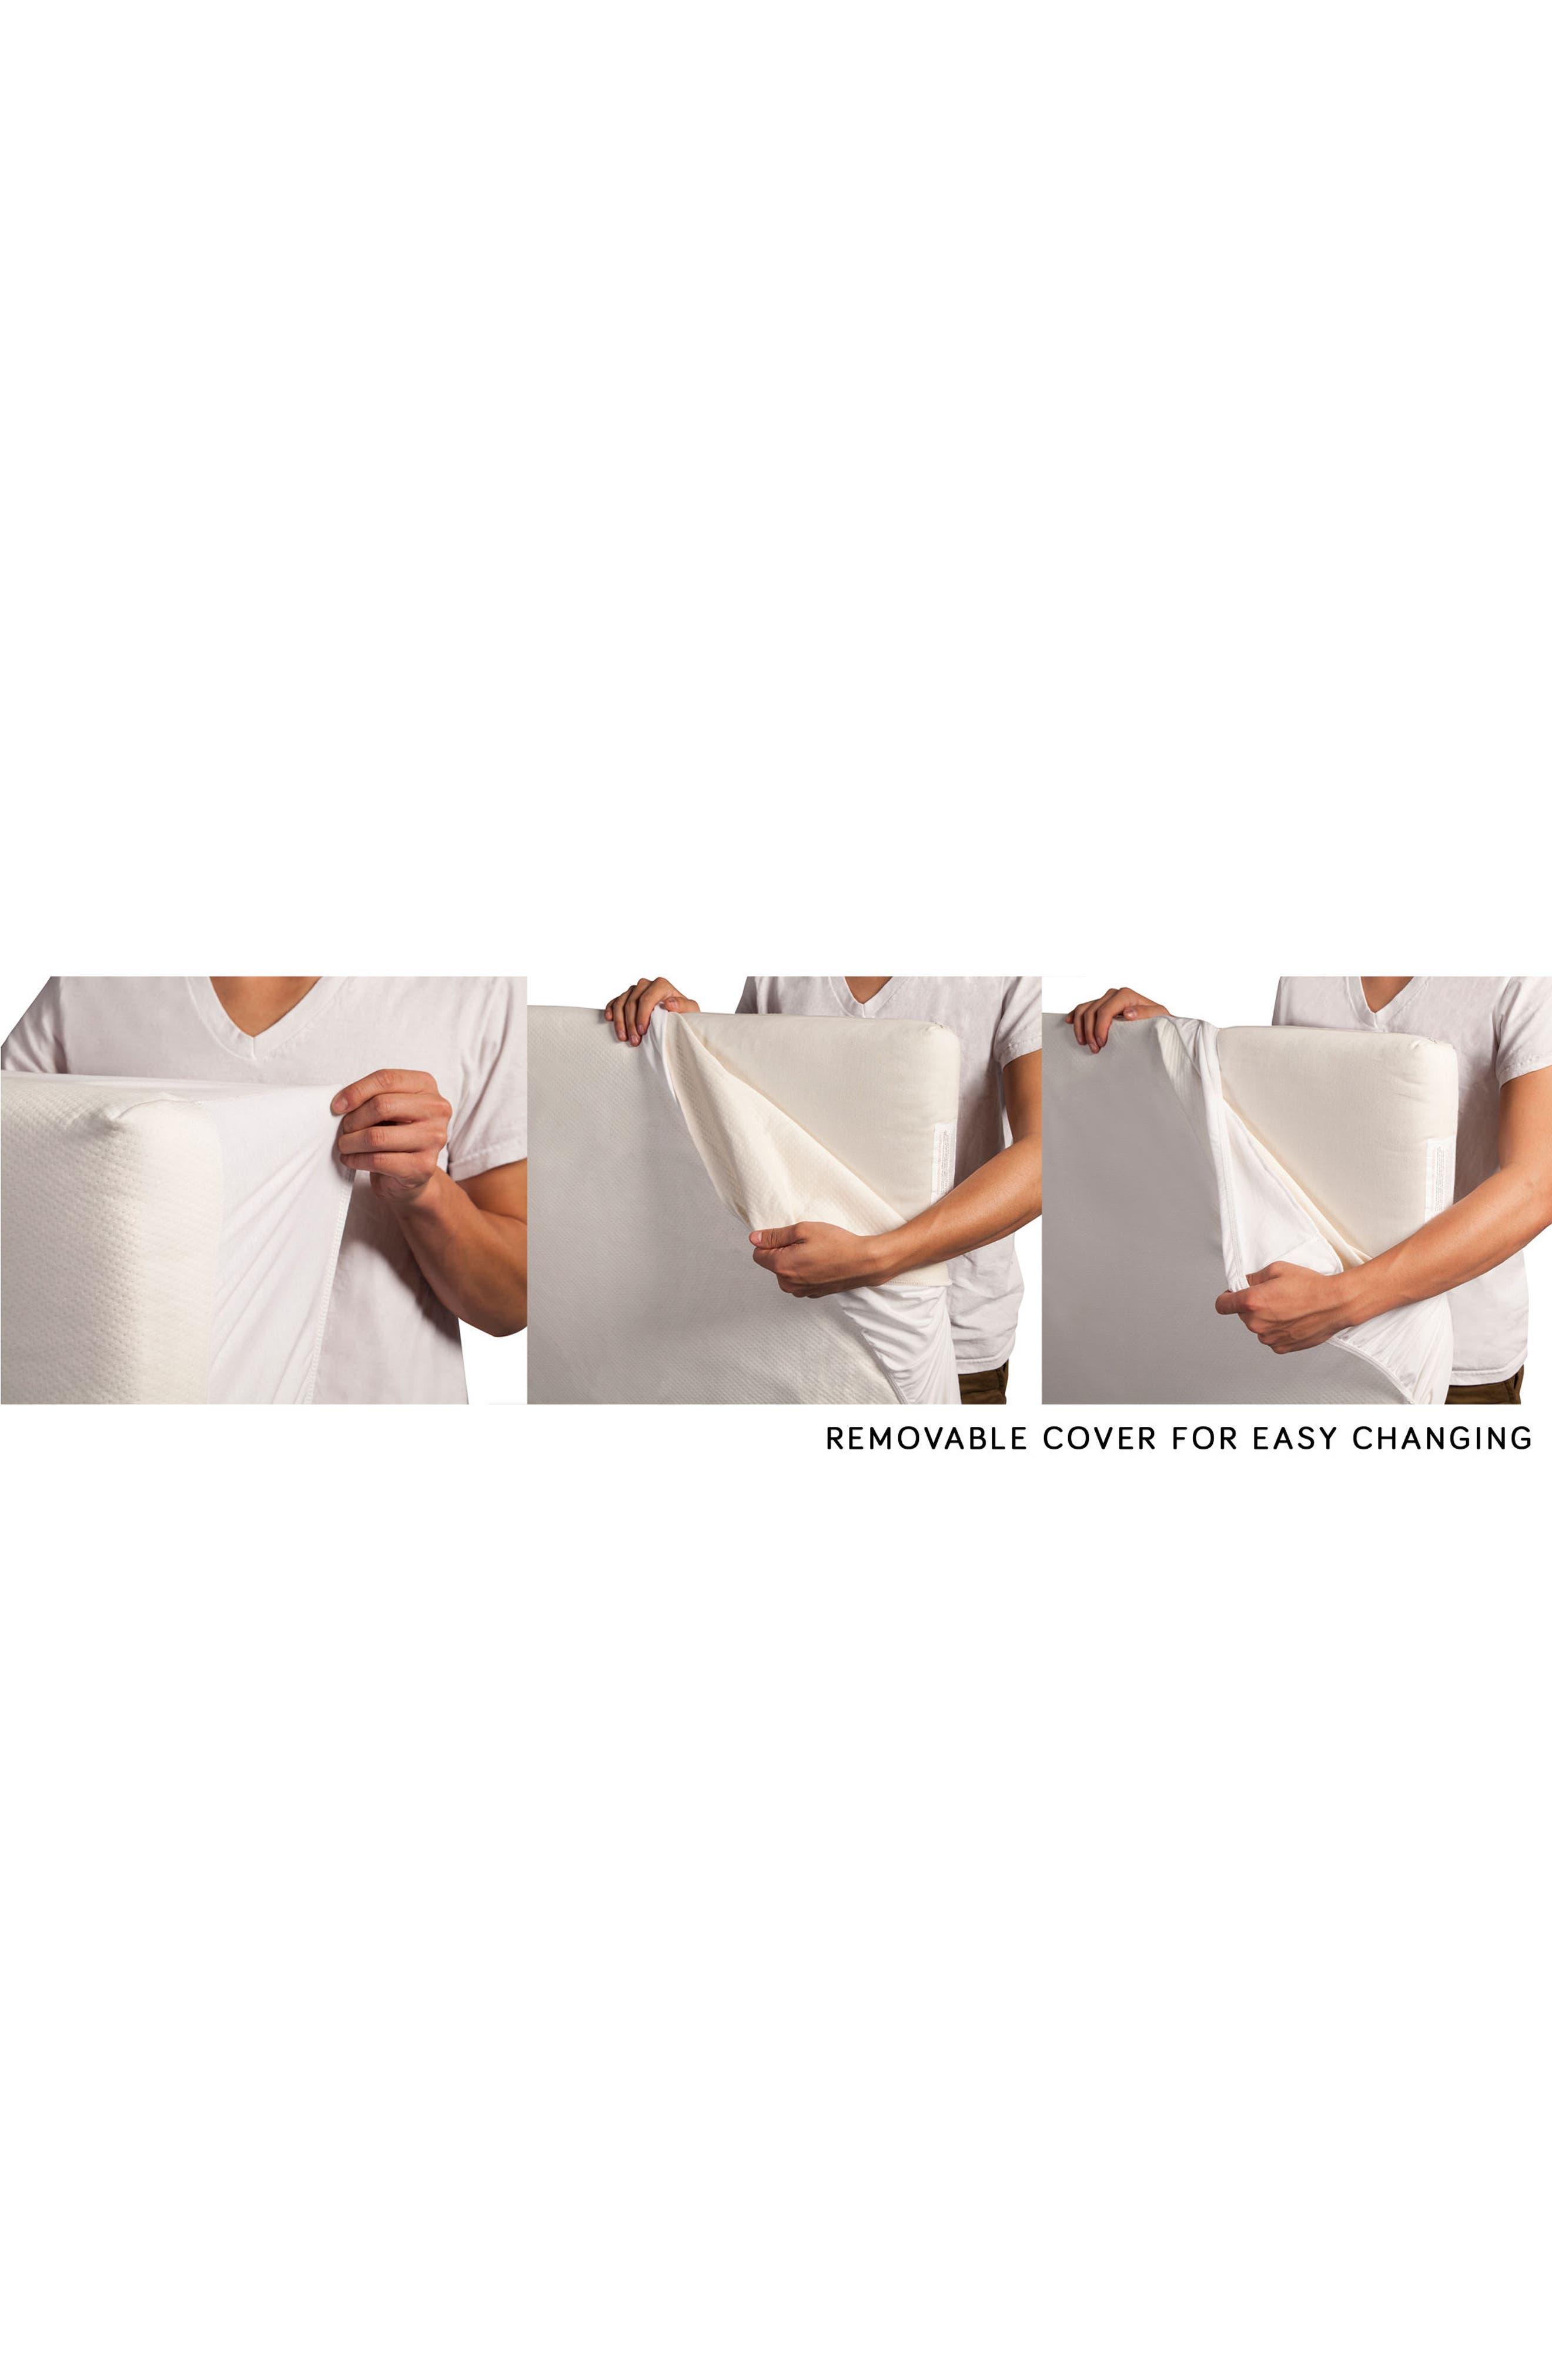 COCO Core Nontoxic Mini Crib Mattress & Water Repellent SMART Cover,                             Alternate thumbnail 4, color,                             100